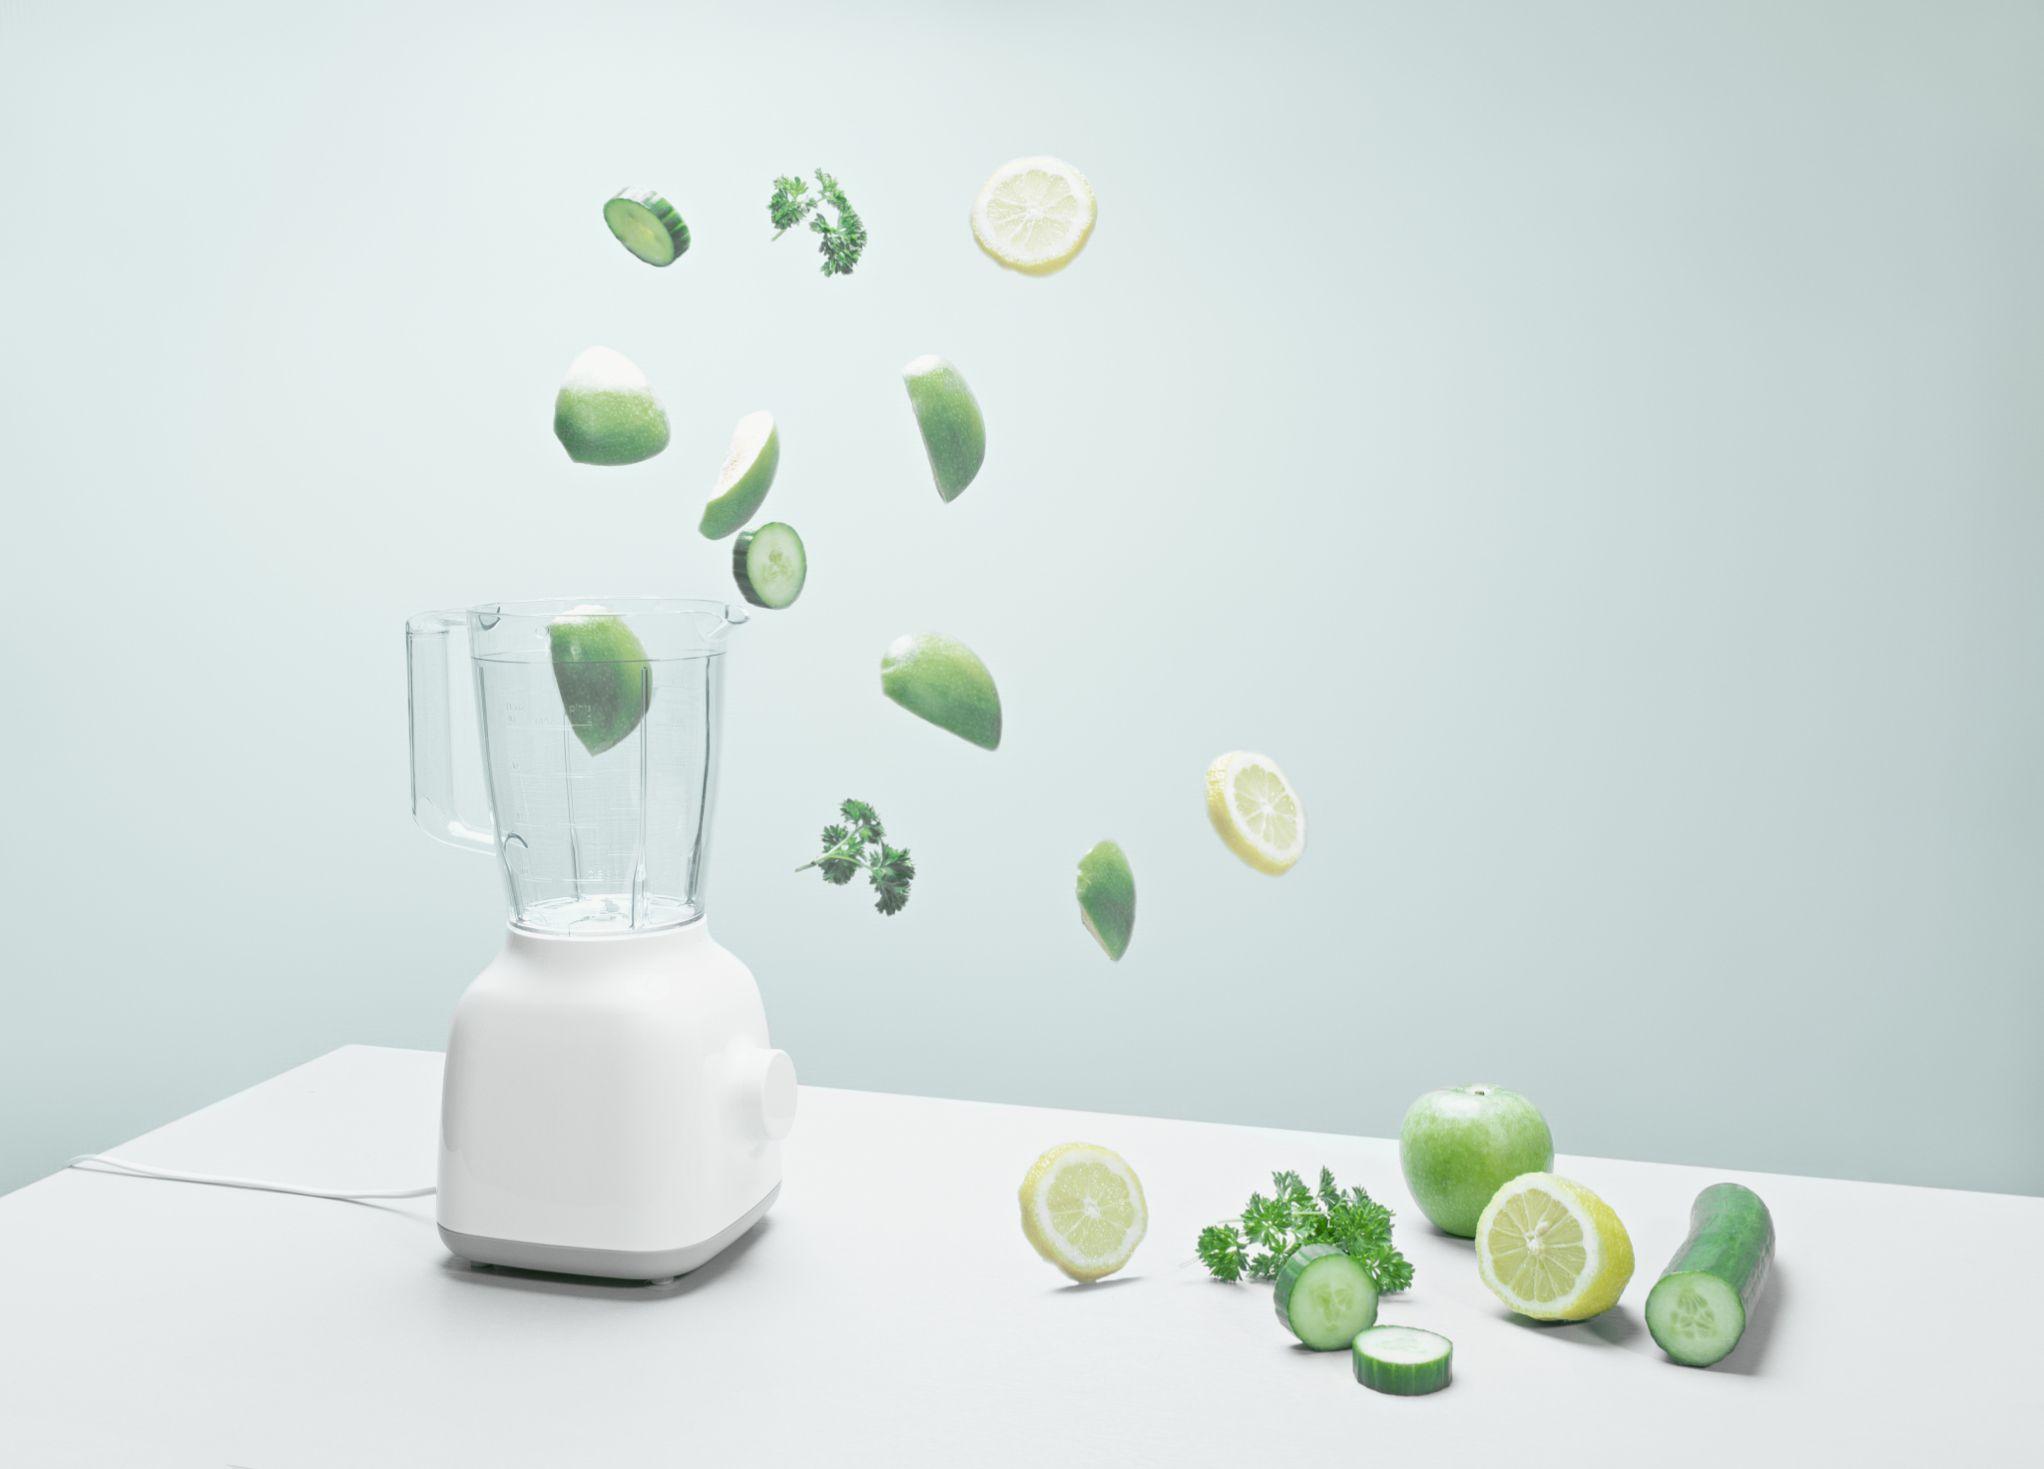 Blender and fruits